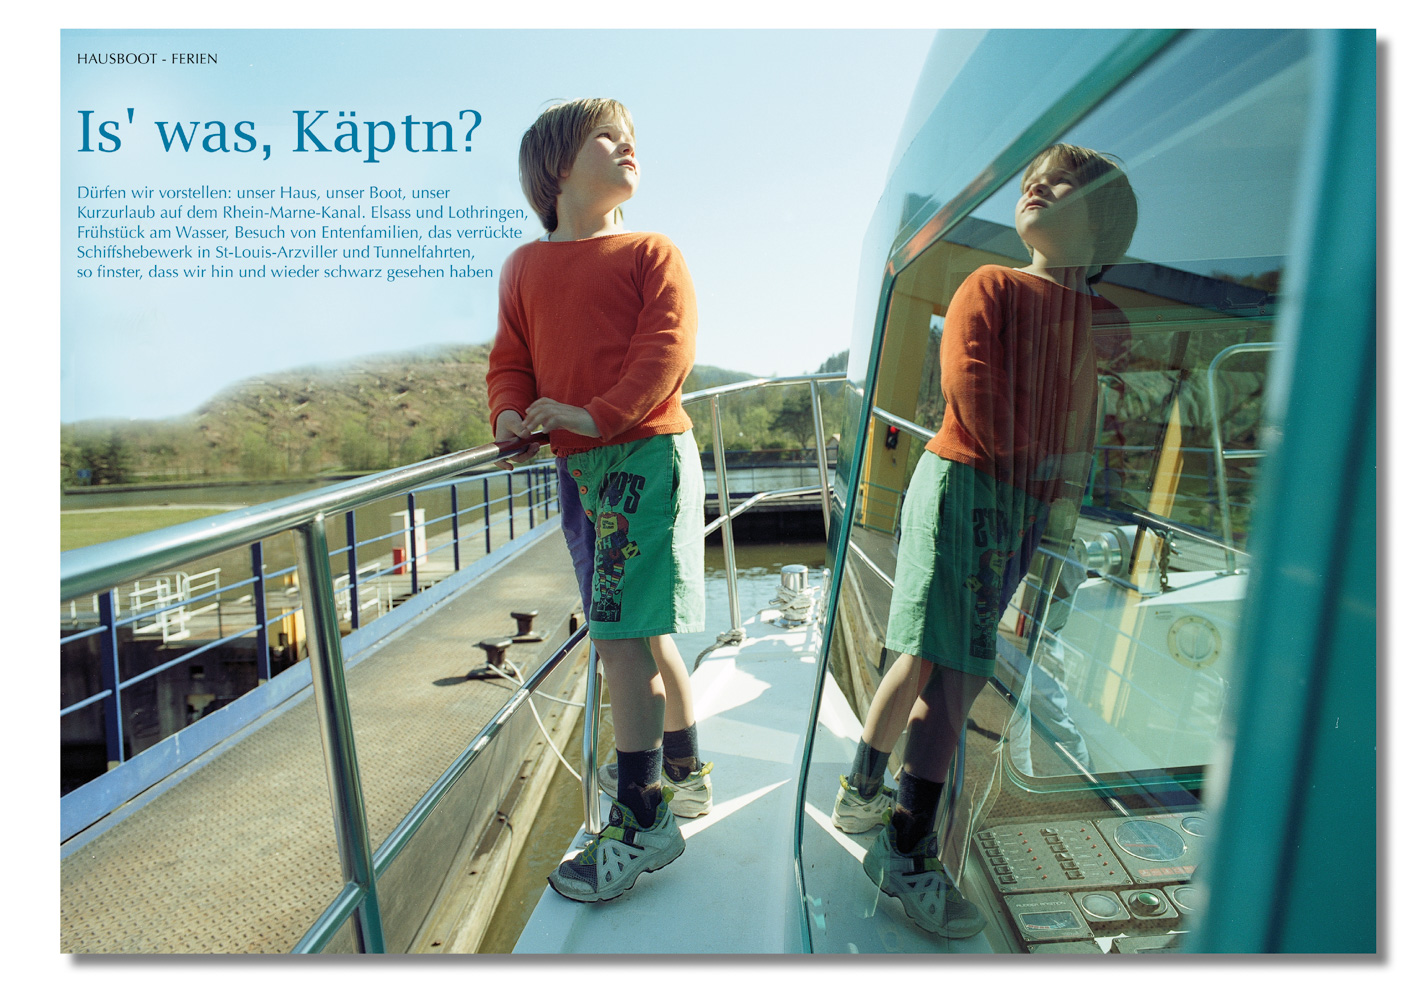 ADAC Reisemagazin, Elsass